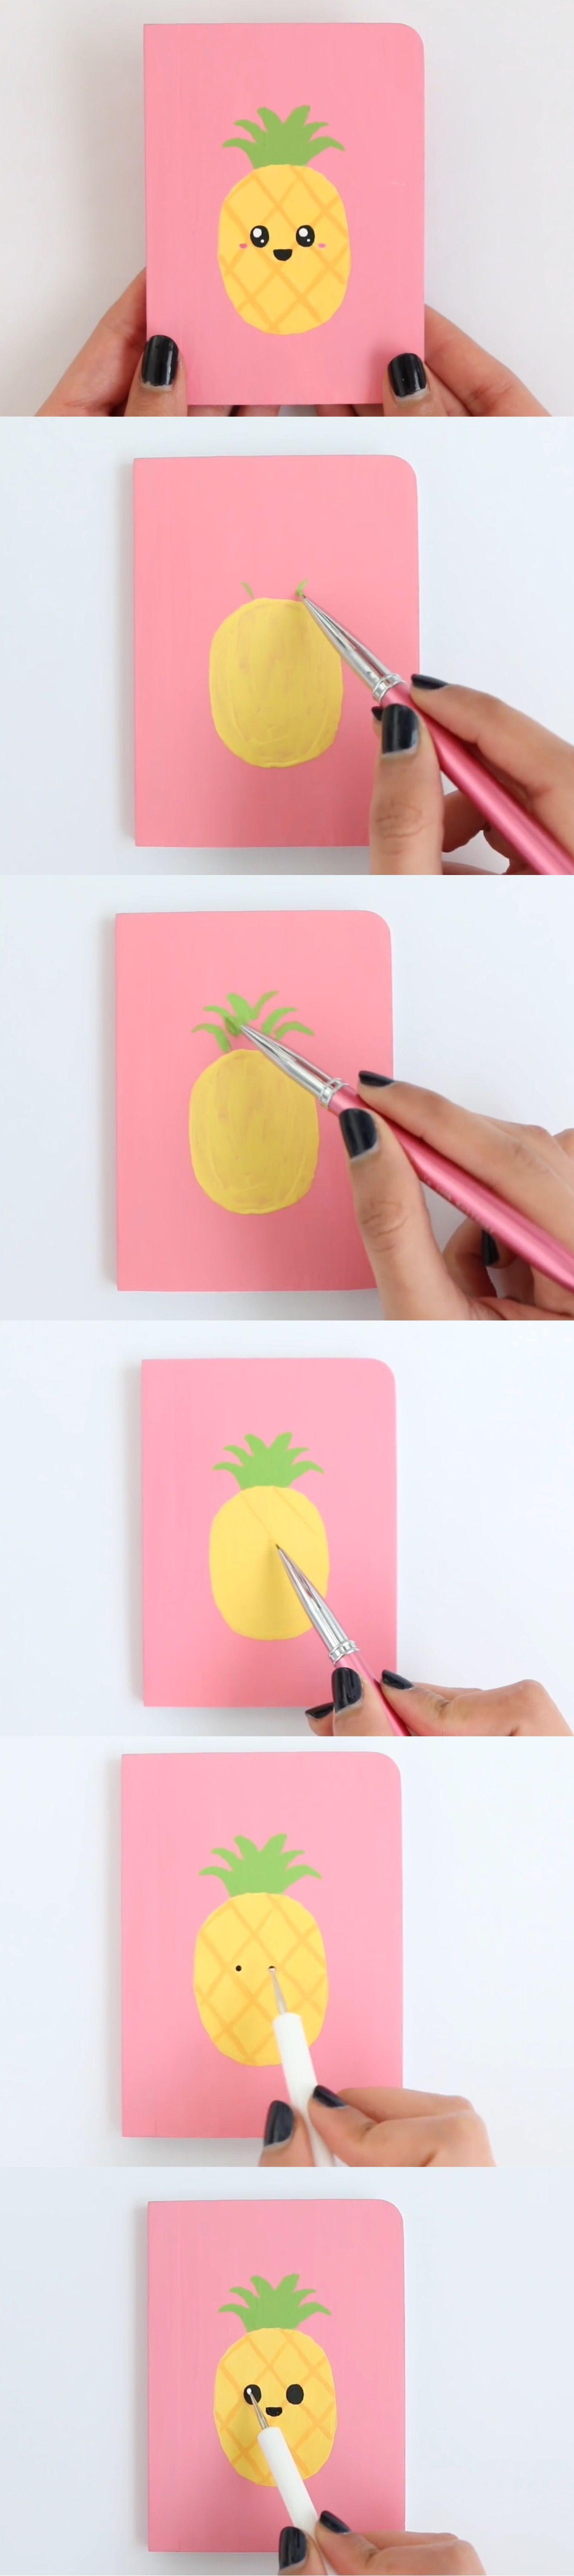 54 Best Cute Easy Paintings Ideas Easy Paintings Cute Easy Paintings Canvas Painting